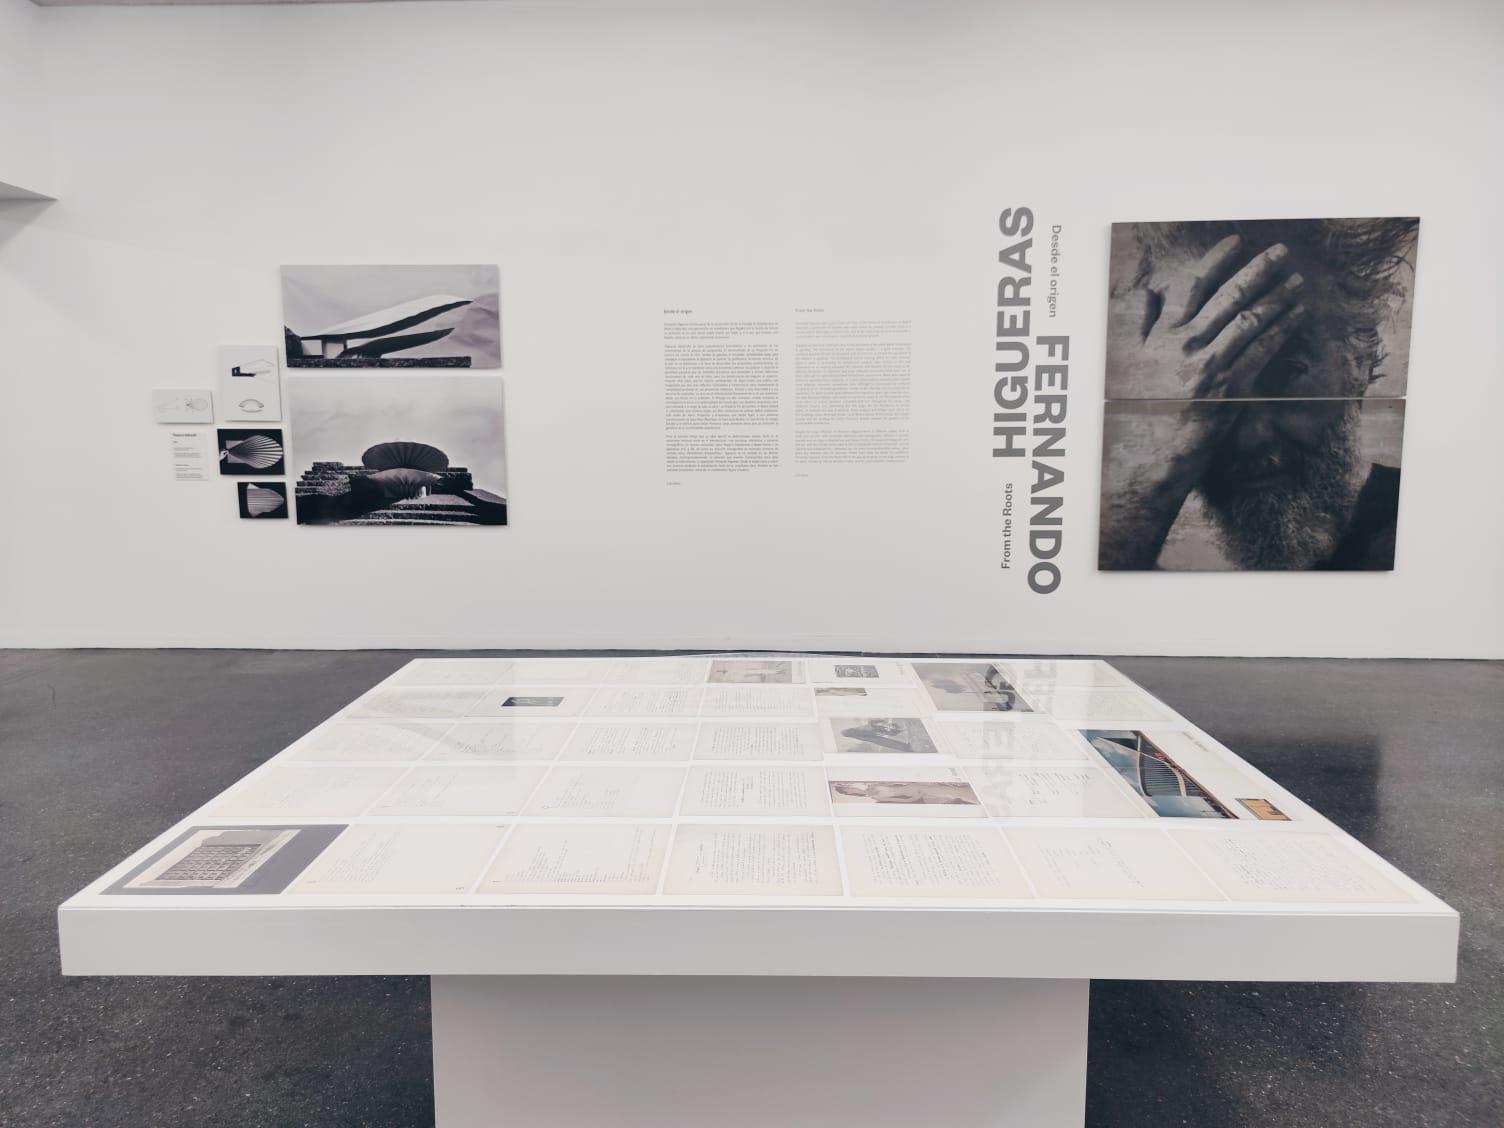 TEA Tenerife organiza una visita guiada a la exposición Fernando Higueras. Desde el origen